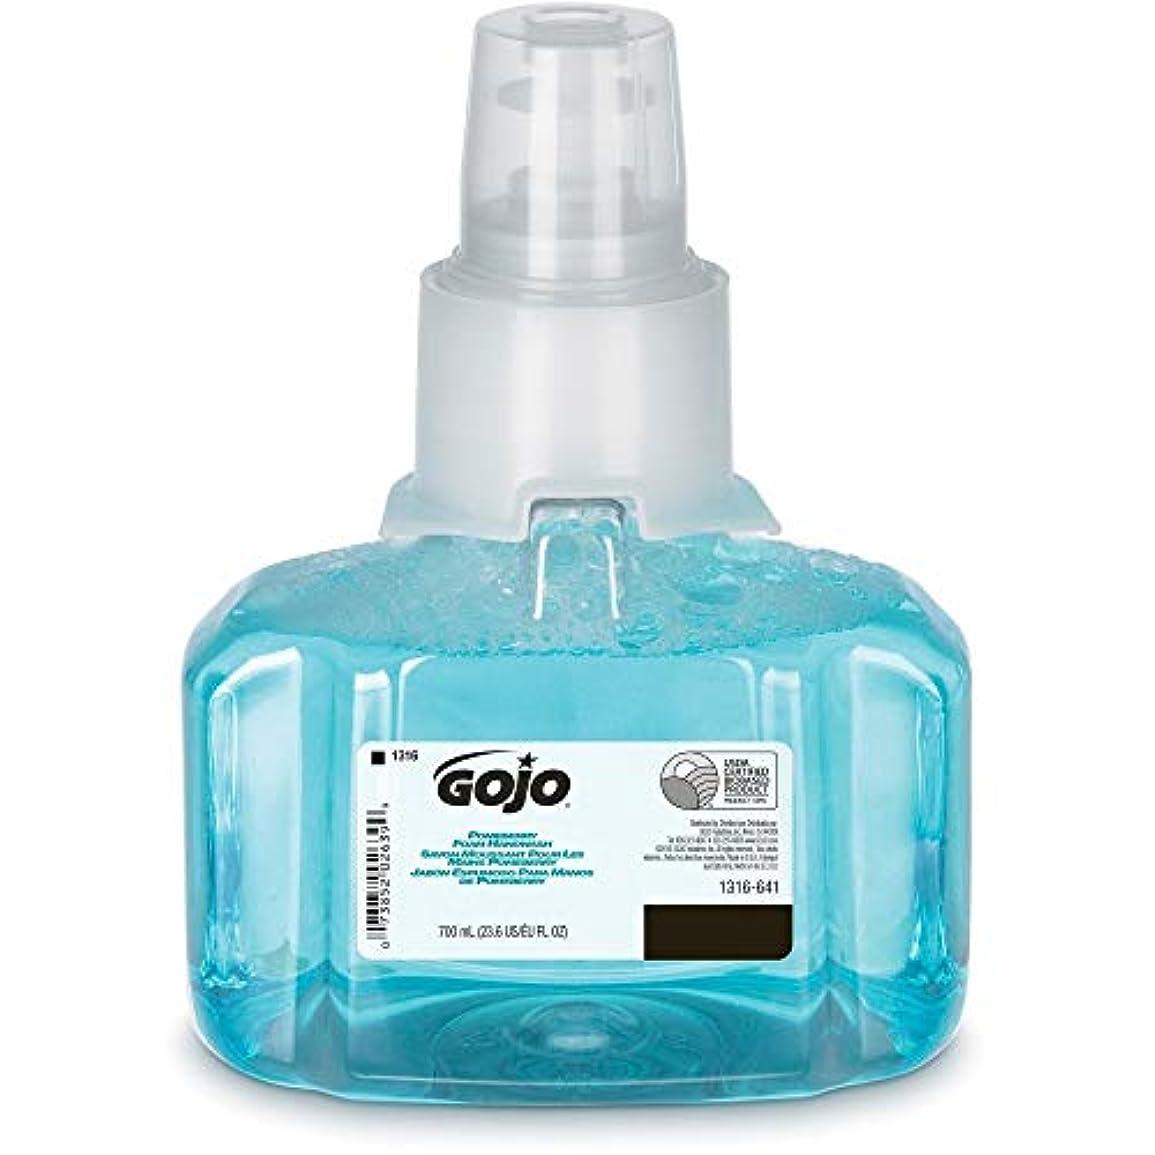 ハイライト位置づける市民GOJO ltx-7 Pomeberry泡手洗いリフィル